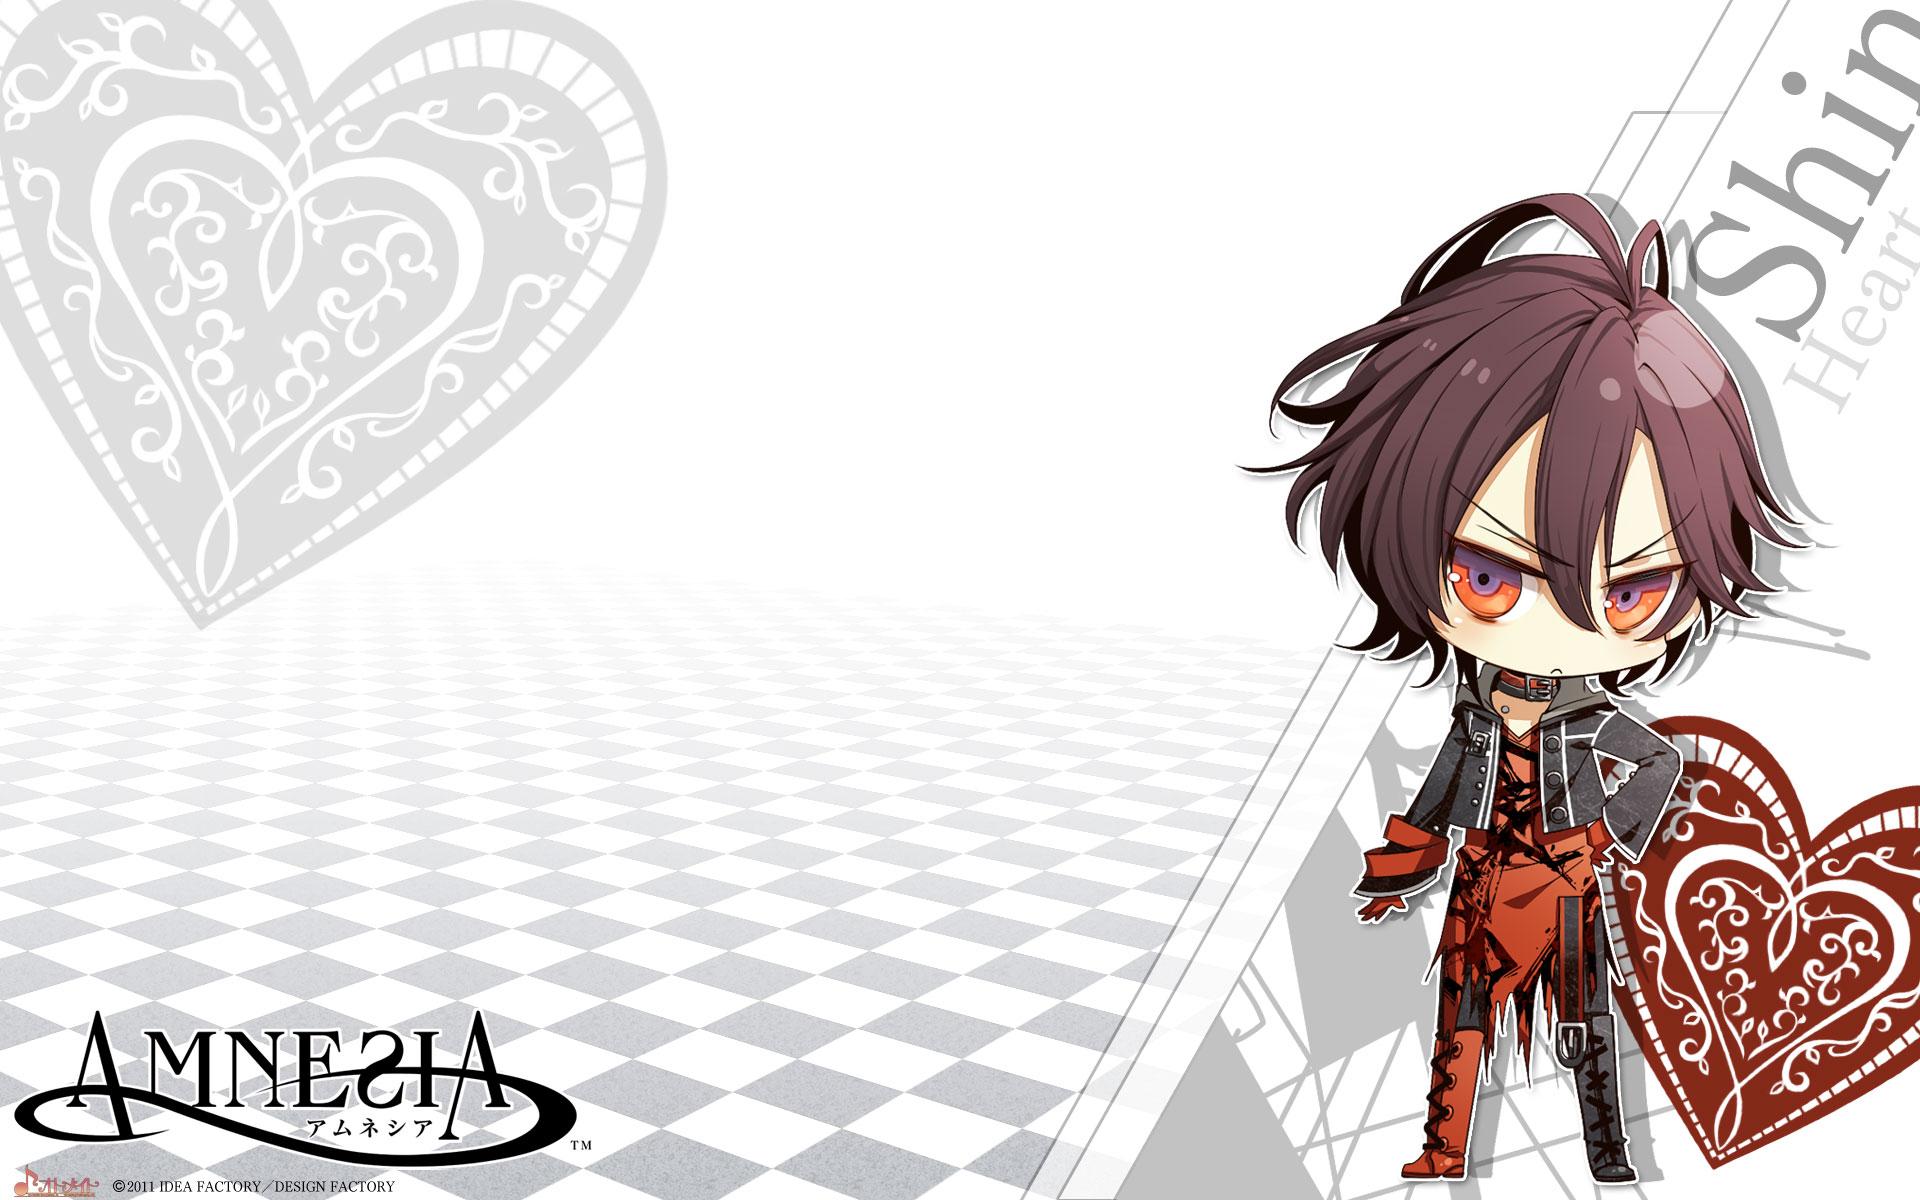 Tags Anime Hanamura Mai IDEA FACTORY AMNESIA Shin